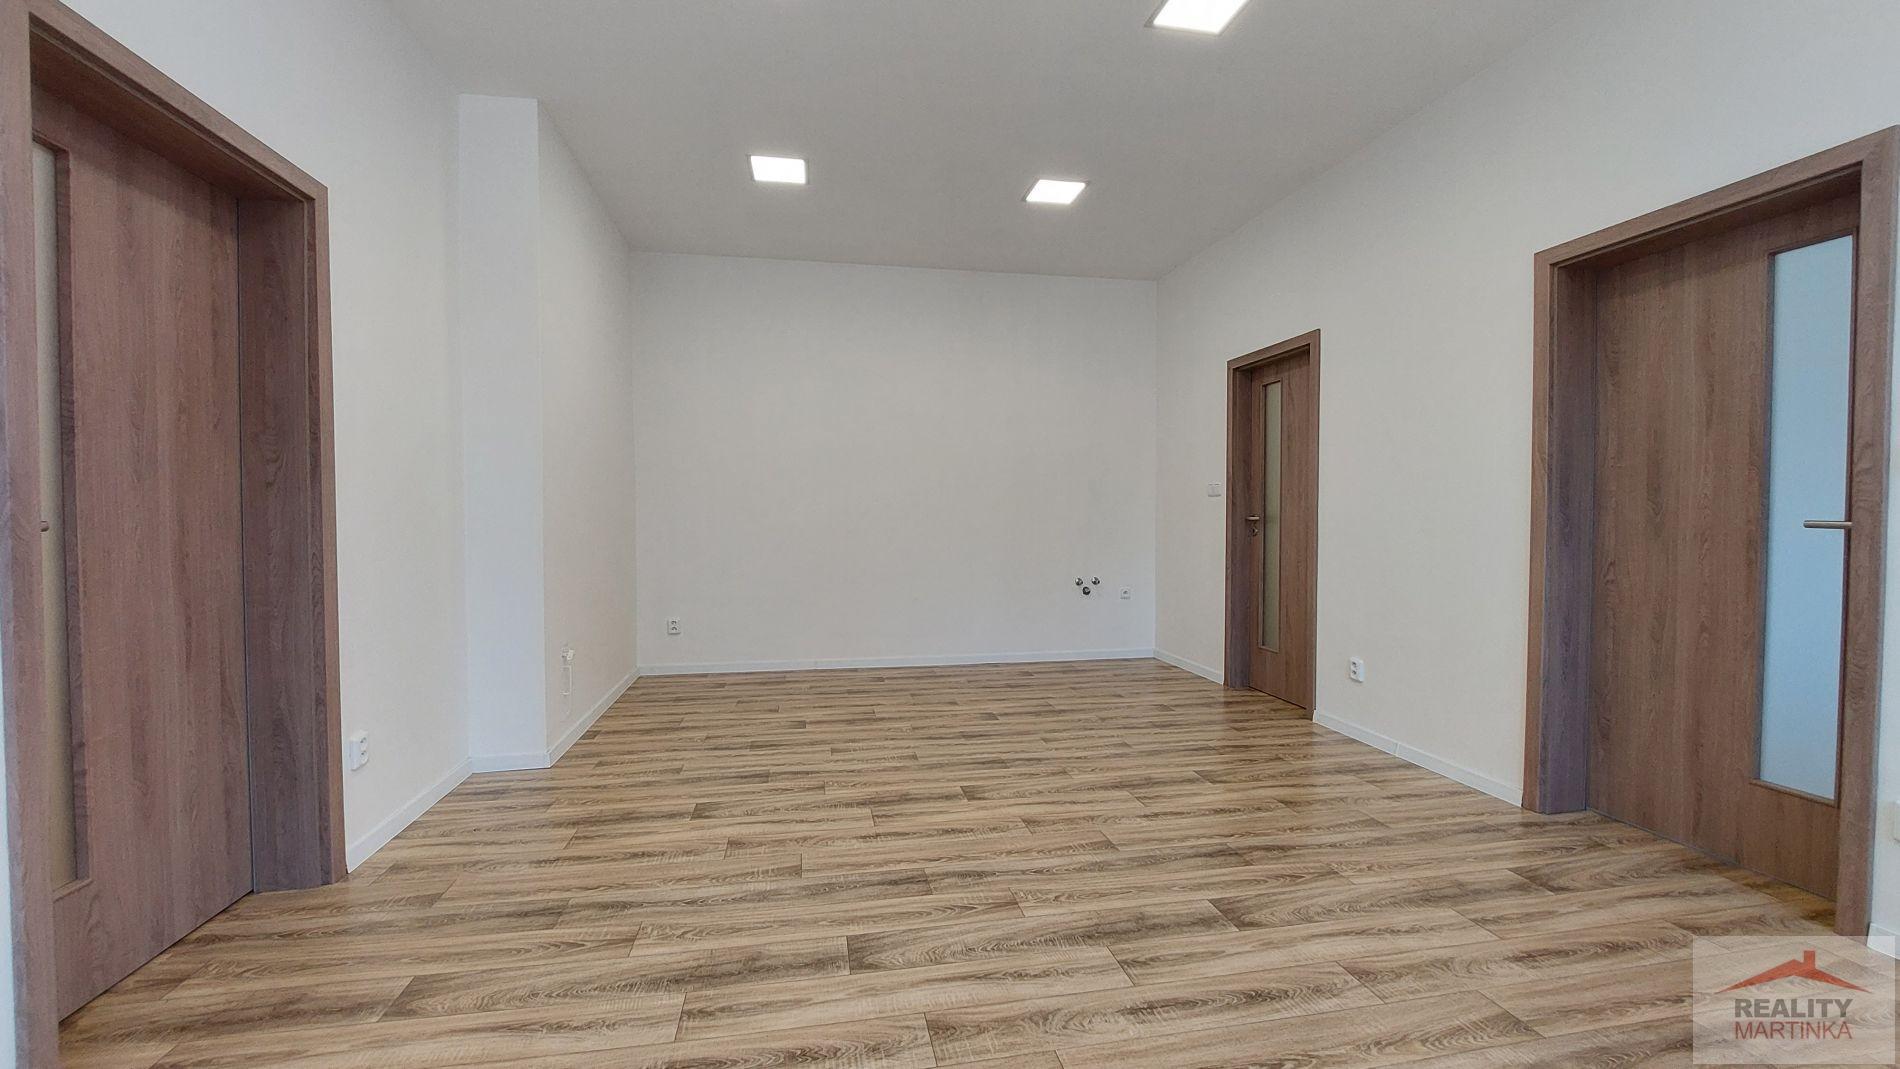 Pronájem 4 propojených kanceláří 87 m2, Valašské Meziříčí,  ul.